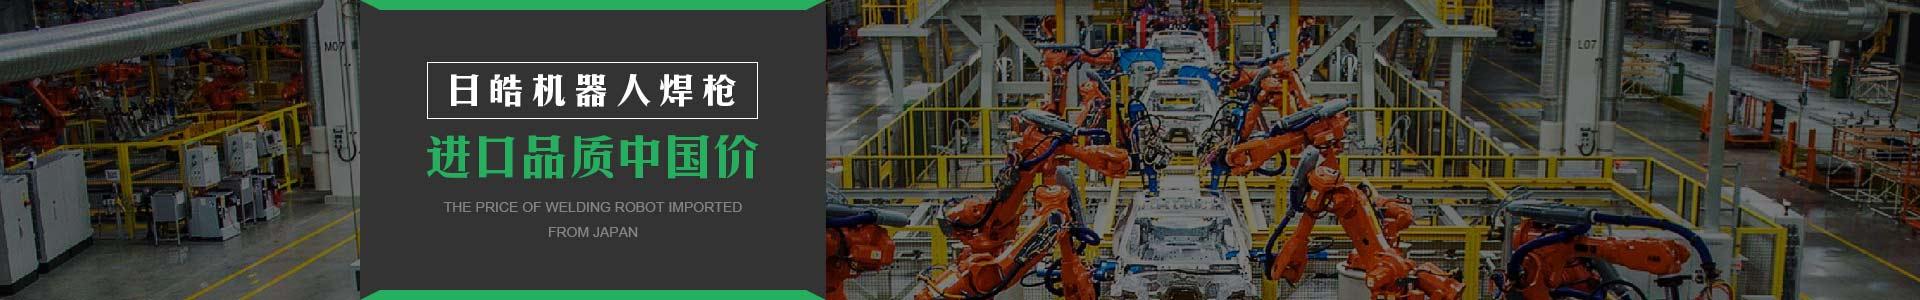 日皓机器人焊枪   进口品质中国价